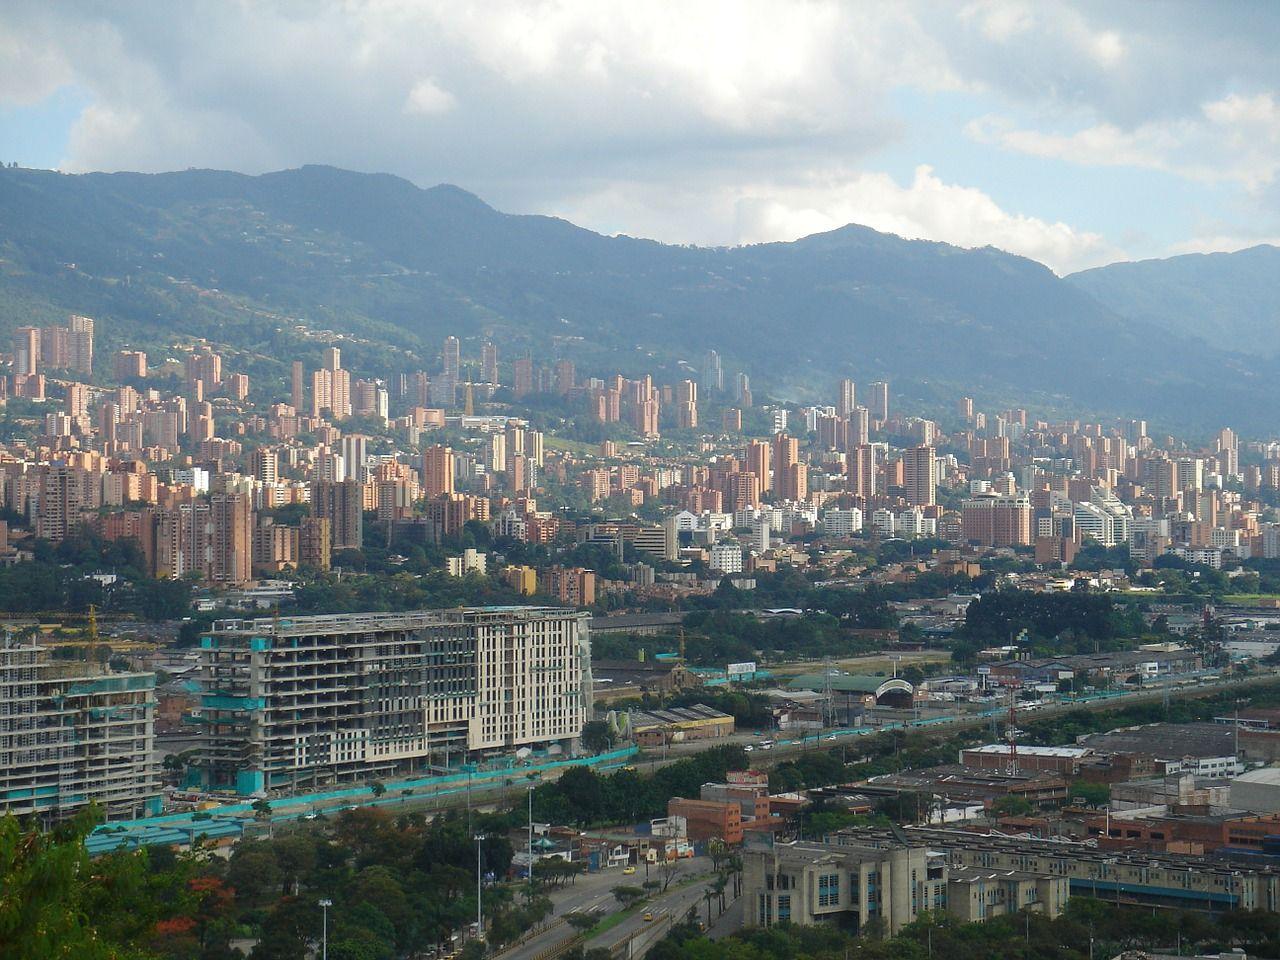 Imagen referencial, ciudad de Medellín.